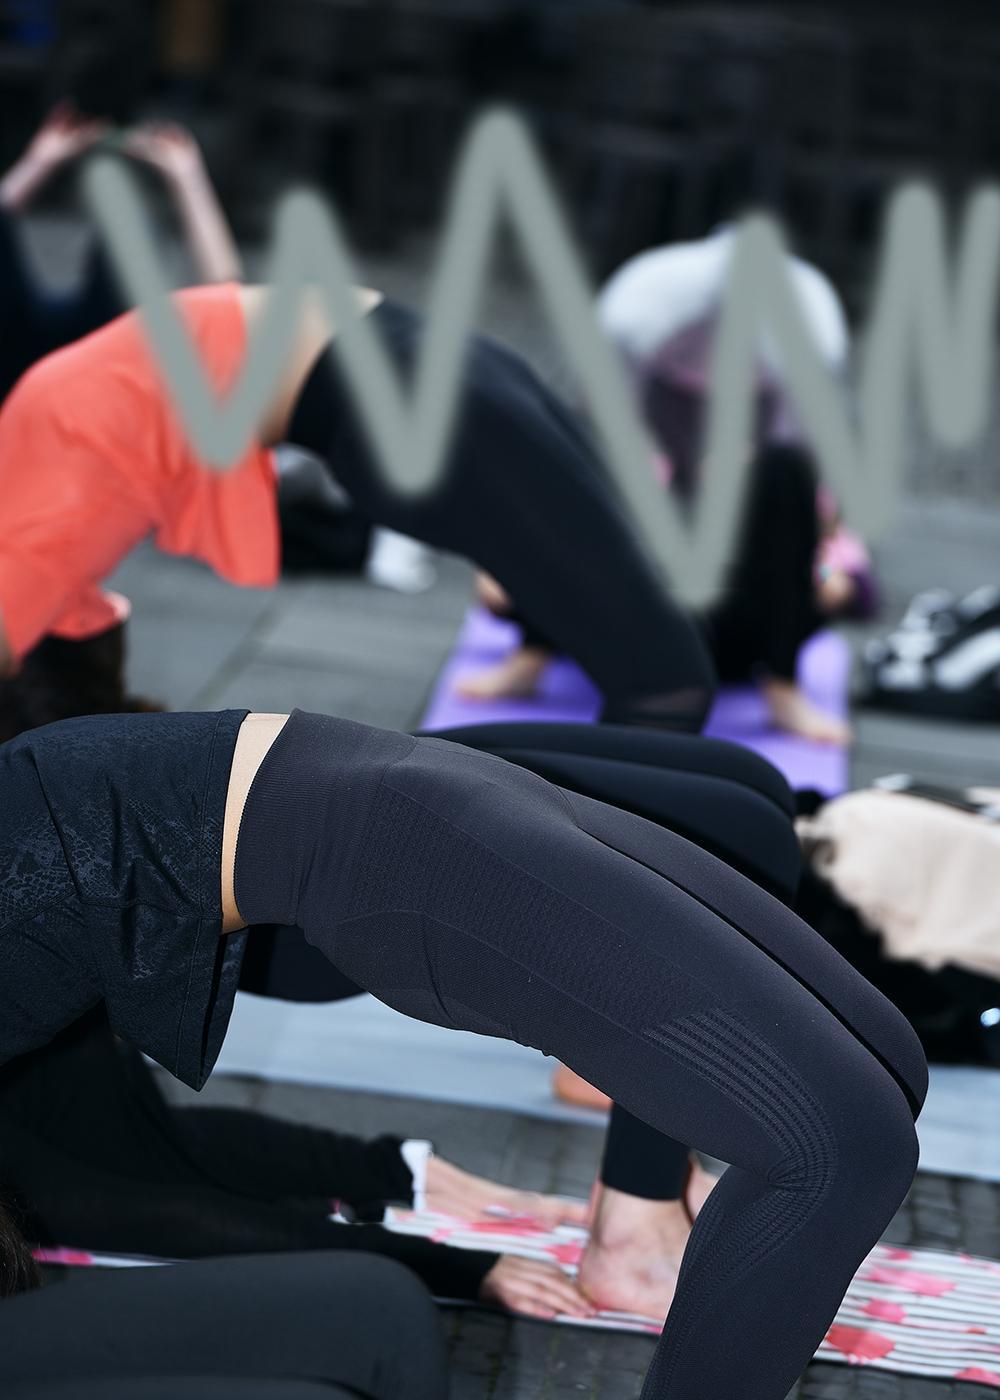 练瑜伽的紧身裤美女, 注意力都在脚上了! 7